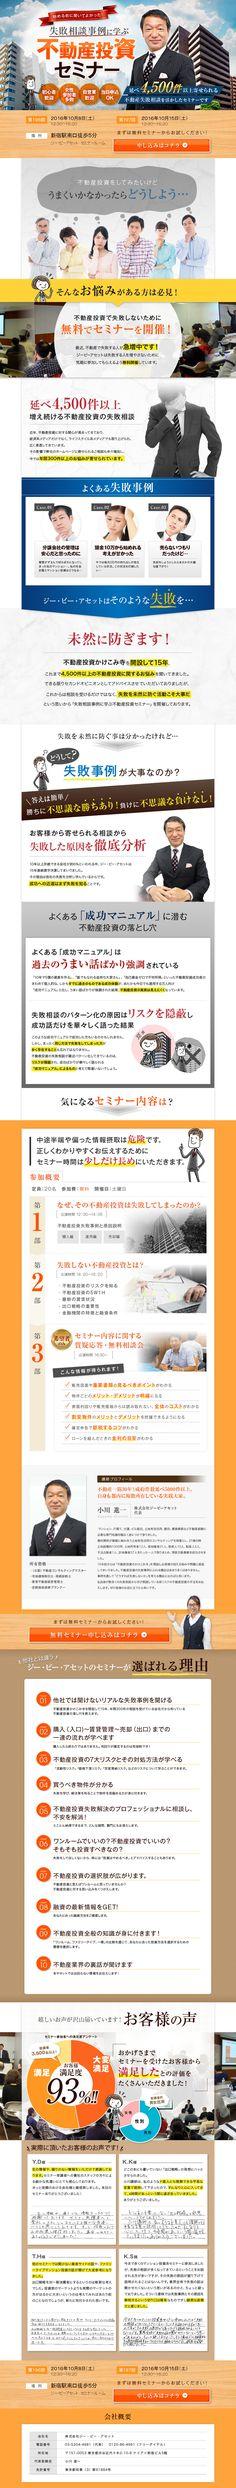 失敗相談事例に学ぶ 不動産投資セミナー Web Design, Investing, Marketing, Website, Real Estate, Poster, Real Estates, Design Web